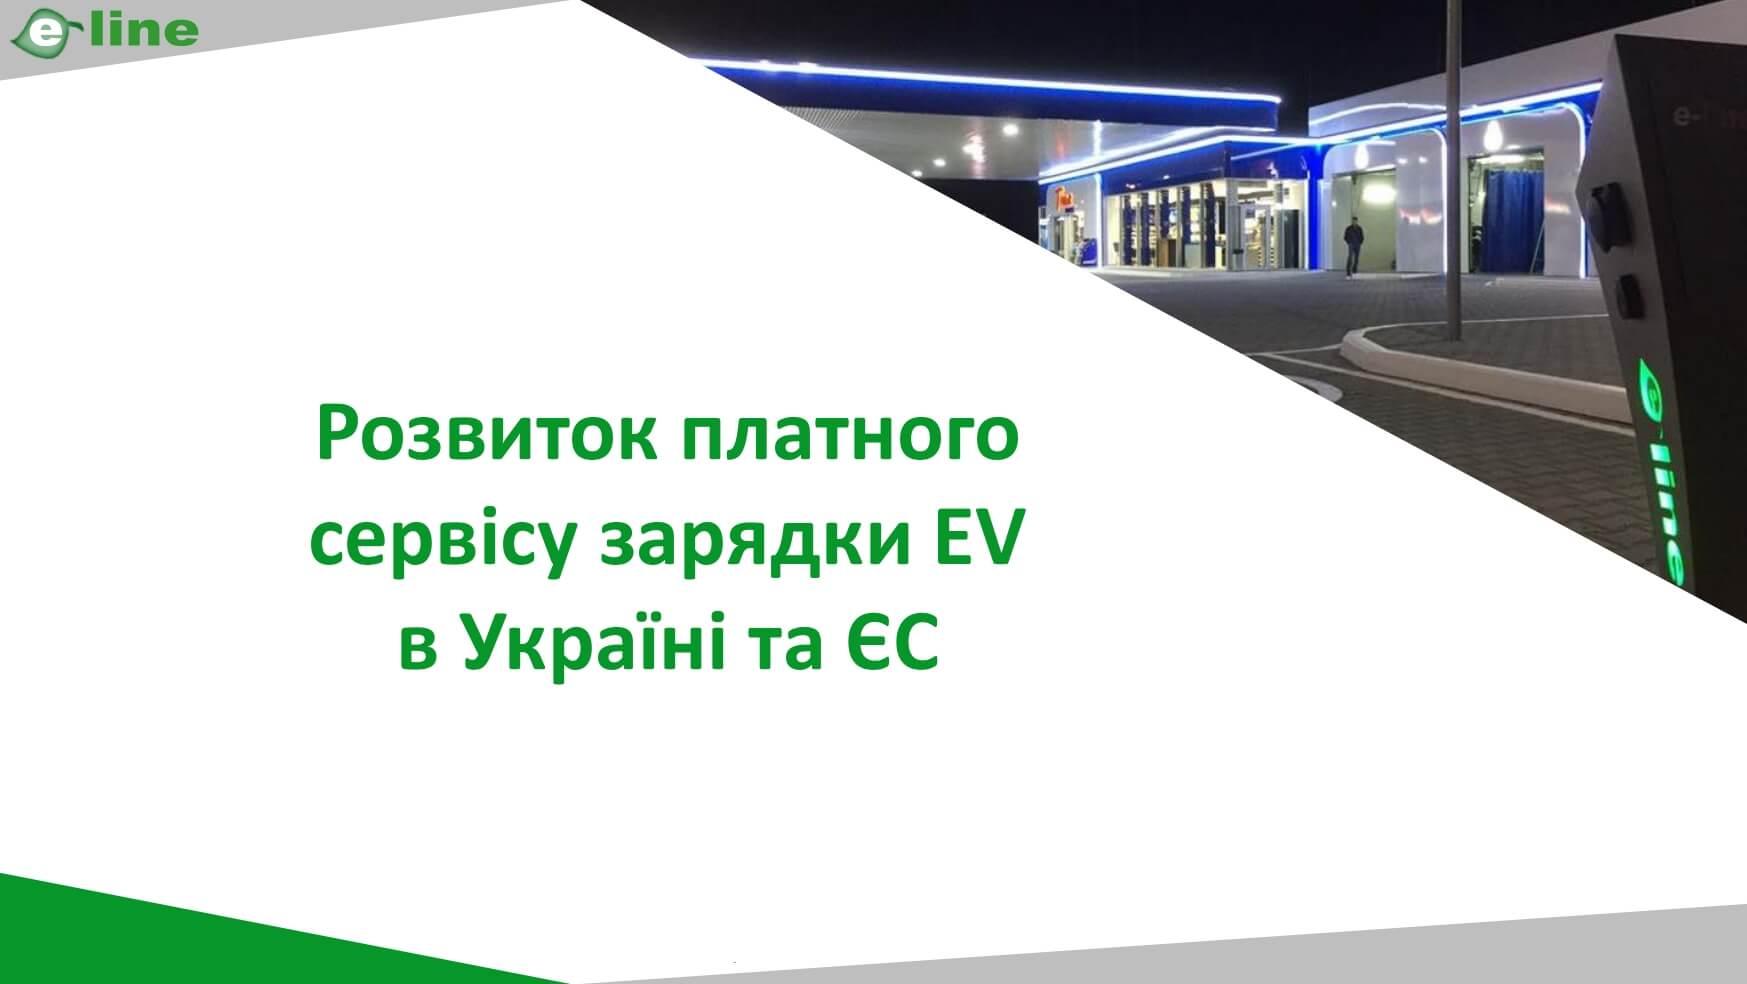 Владислав Родин: развитие платного сервиса зарядки для электромобилей в Европе и Украине